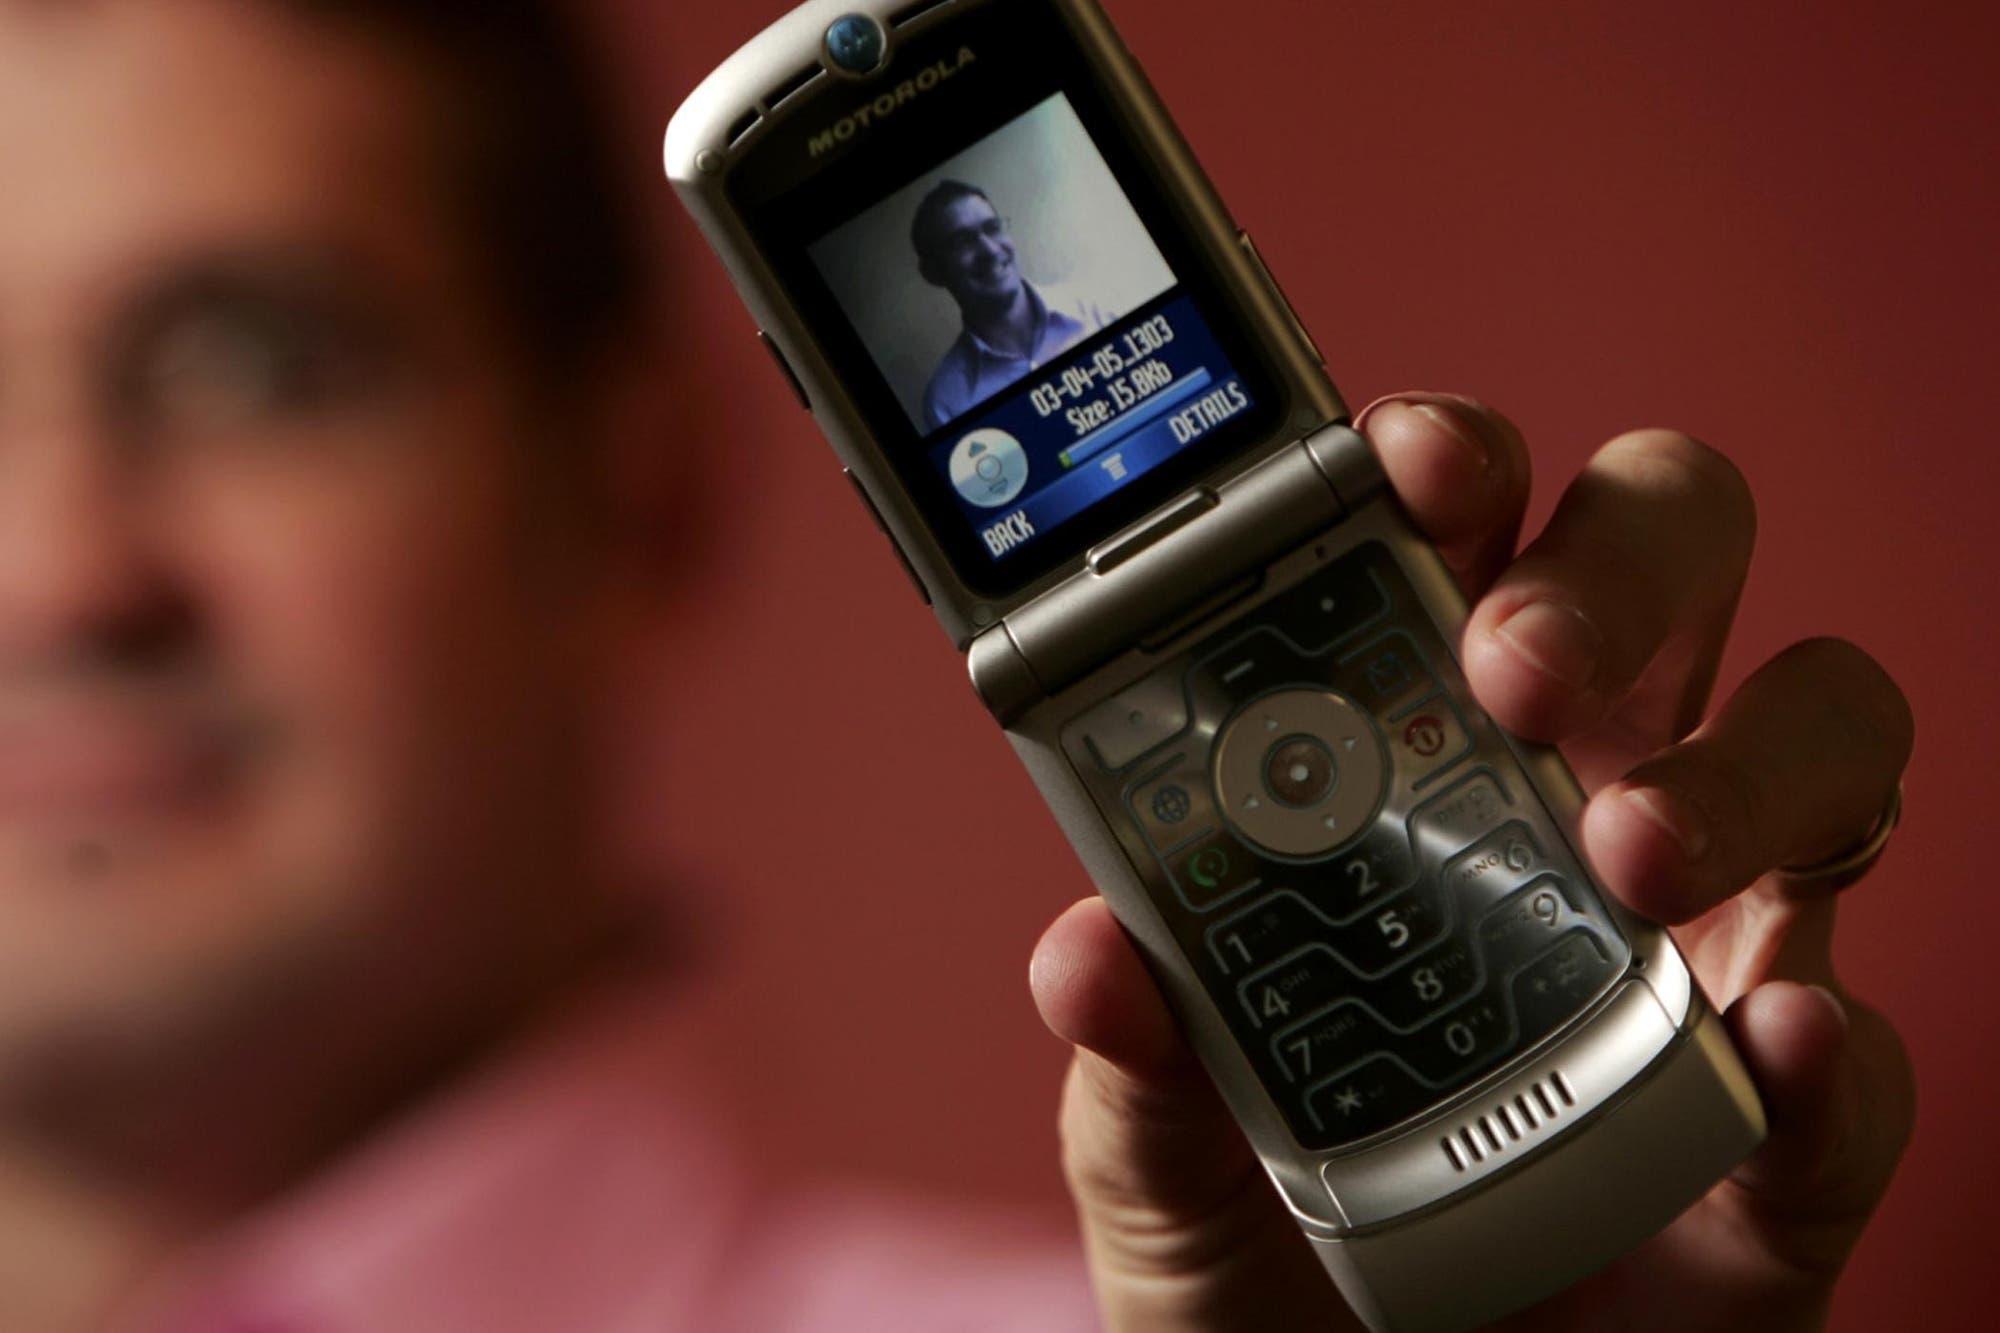 Motorola Razr V3: a 15 años de un clásico que iba a vender 300 mil unidades y llegó a 130 millones